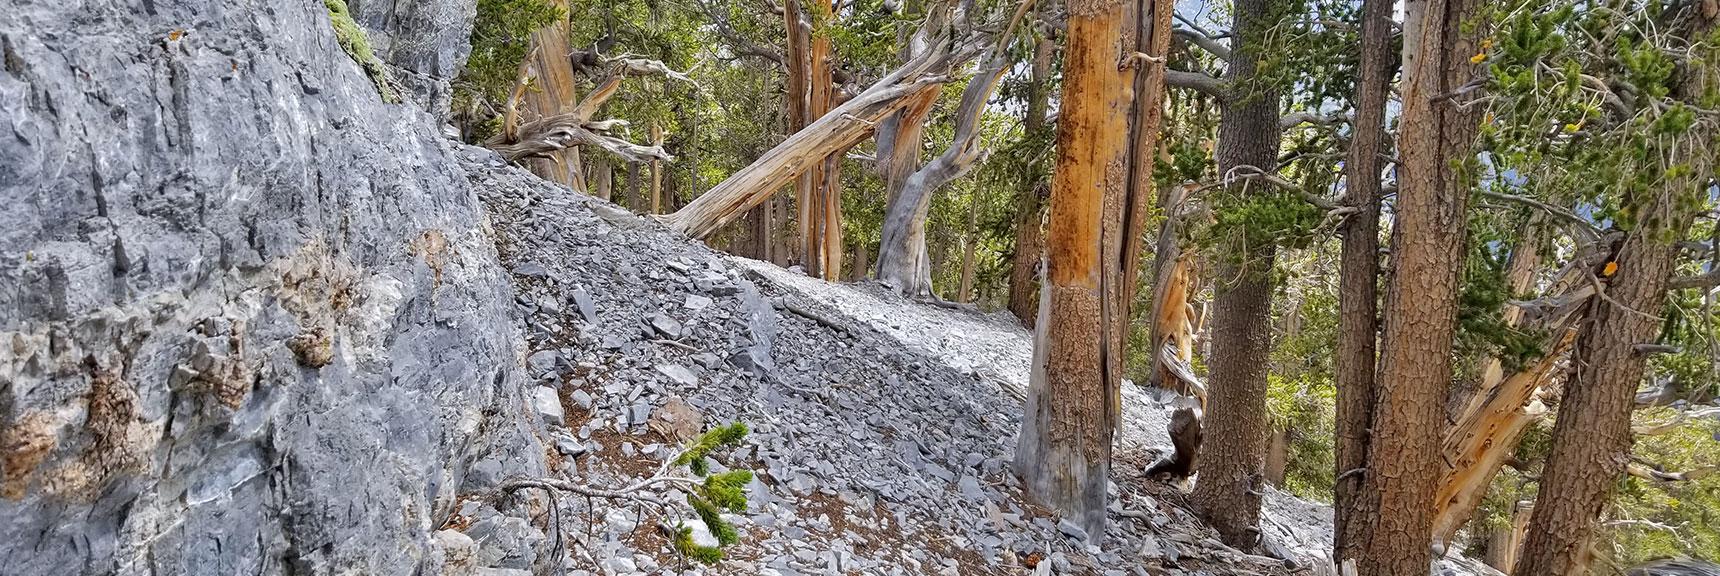 Base of Mummy Mountain Northeastern Cliff   Mummy Mountain NNE, Mt. Charleston Wilderness, Nevada, Slide 016